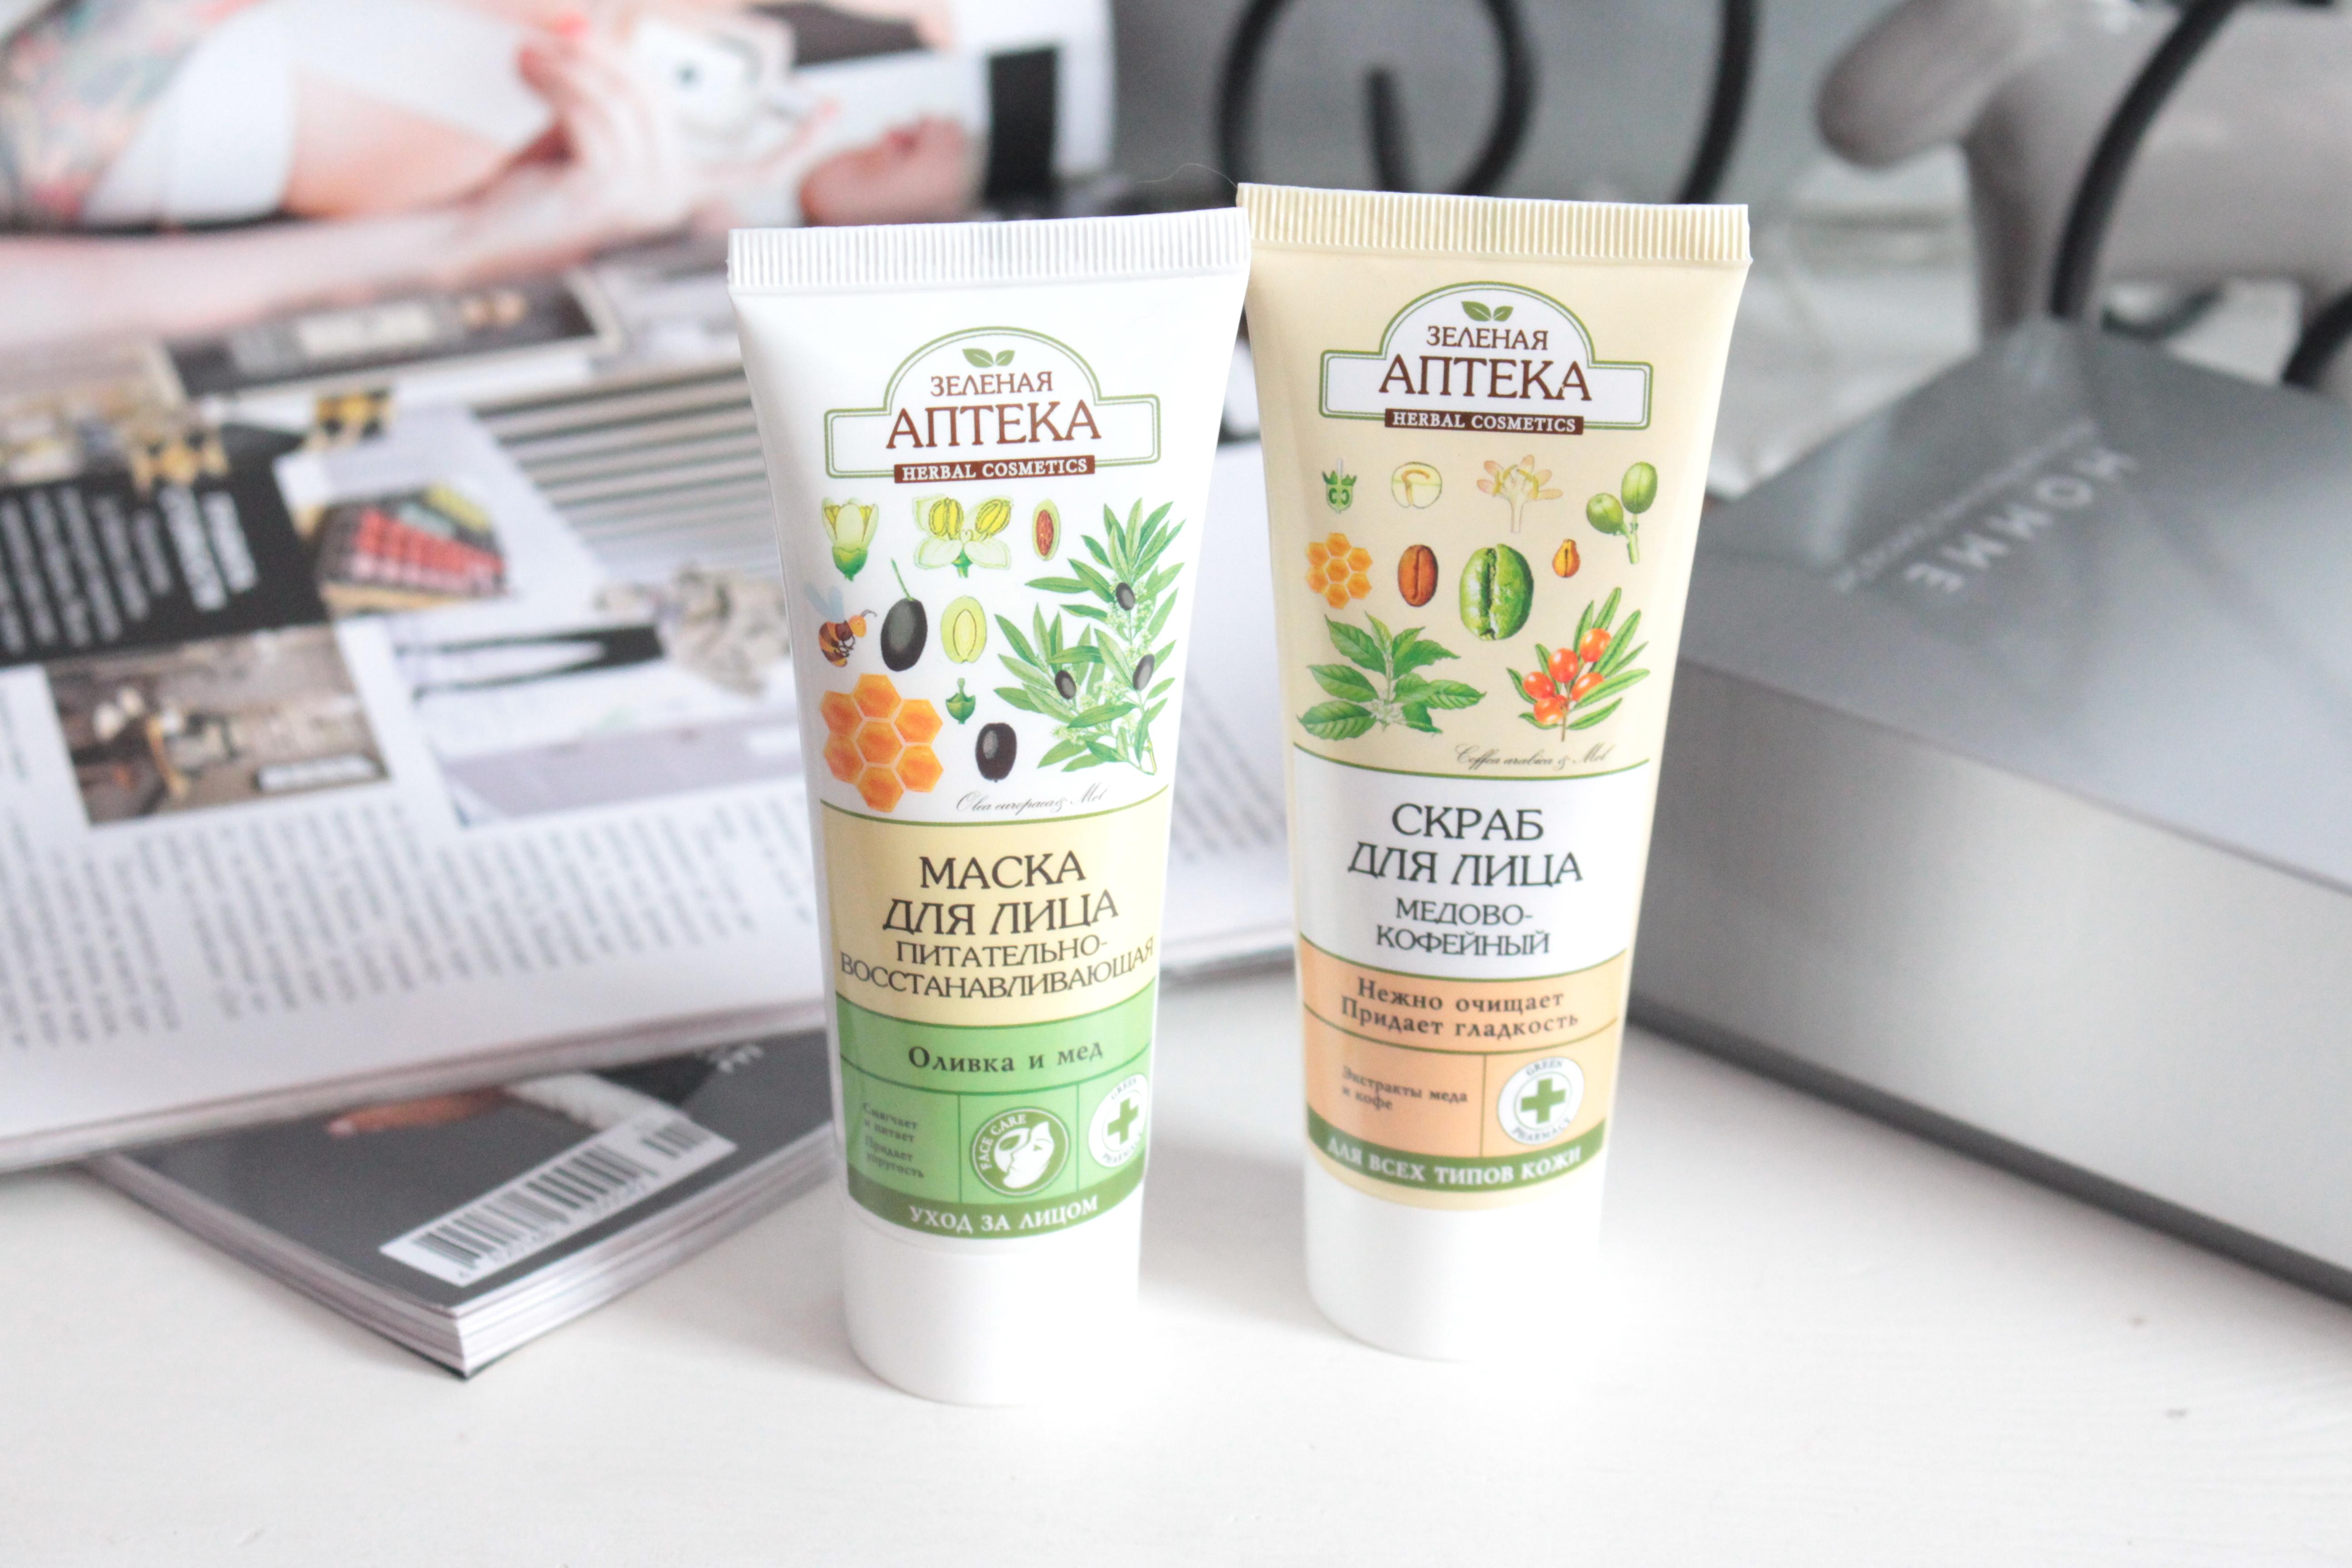 «Зеленая аптека» Медово-кофейный скраб и Питательно-восстанавливающая маска для лица